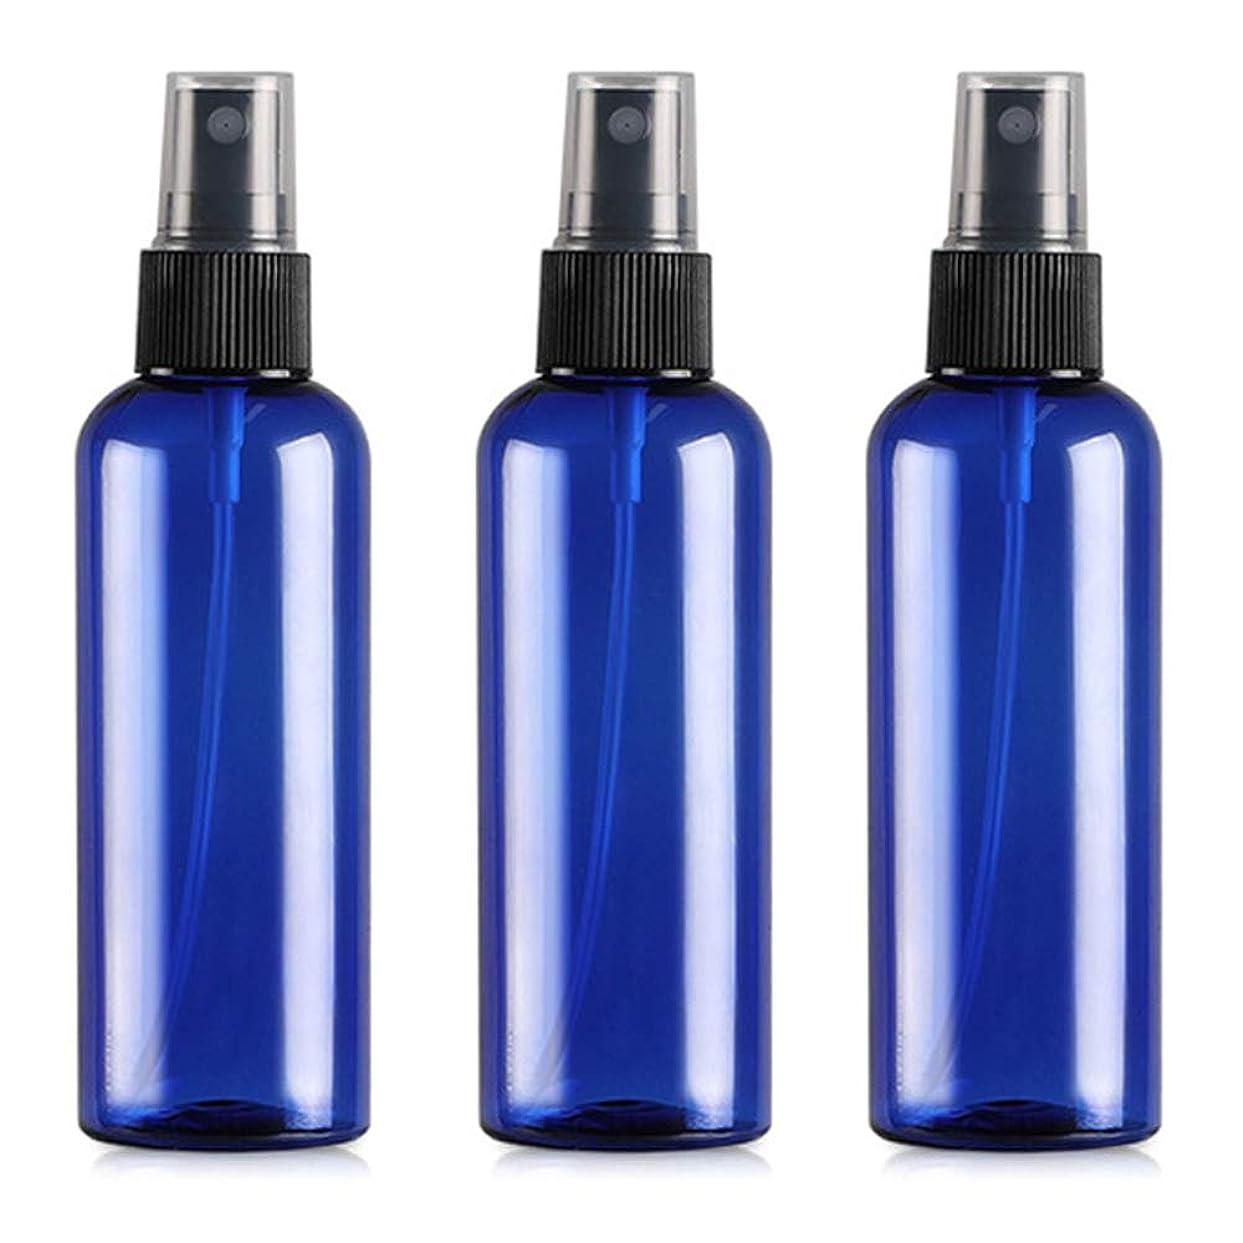 有害なストラトフォードオンエイボン酸っぱい遮光瓶 スプレーボトル (グラス/アトマイザー) 100ml / コバルトブルー ブラックヘッド 3本セット